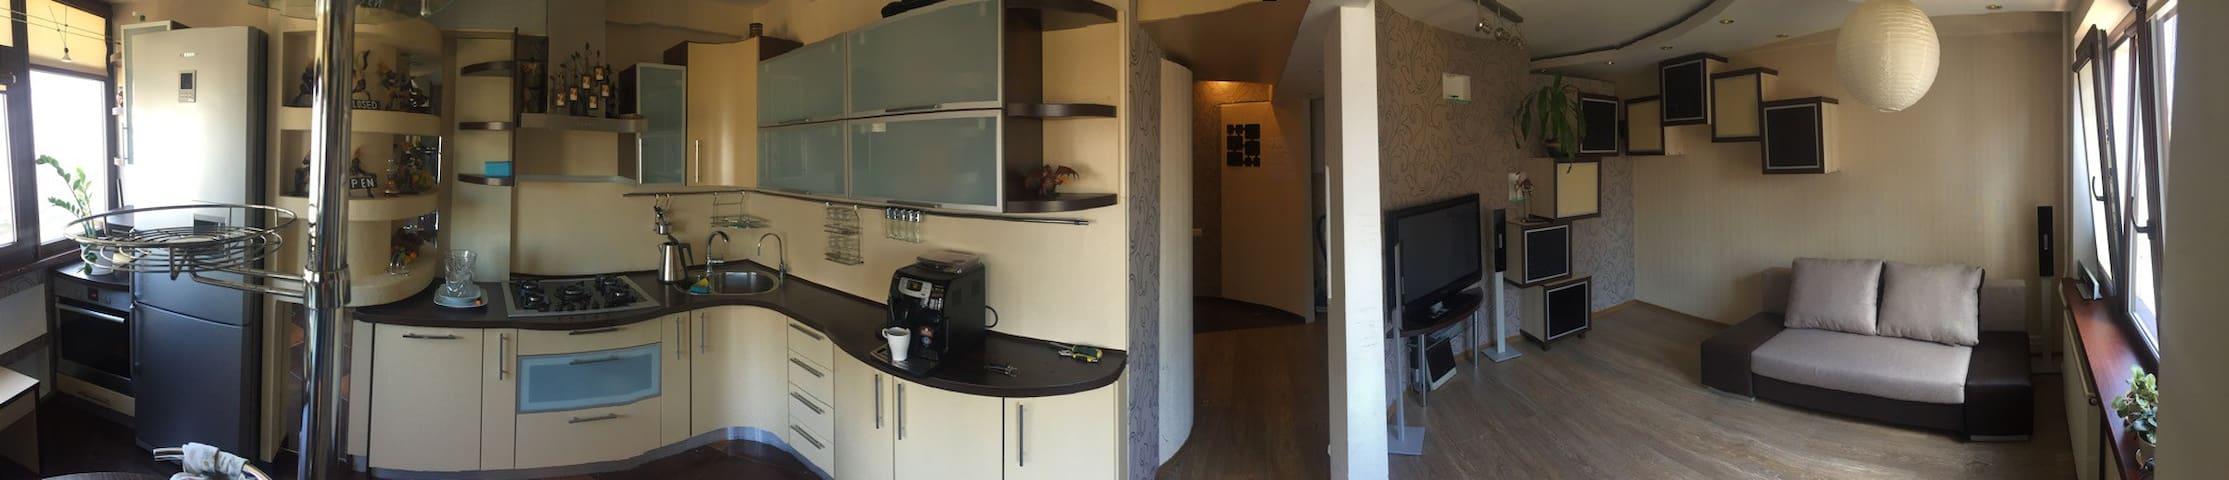 Очень милая и уютная квартира - Минск - Apartment